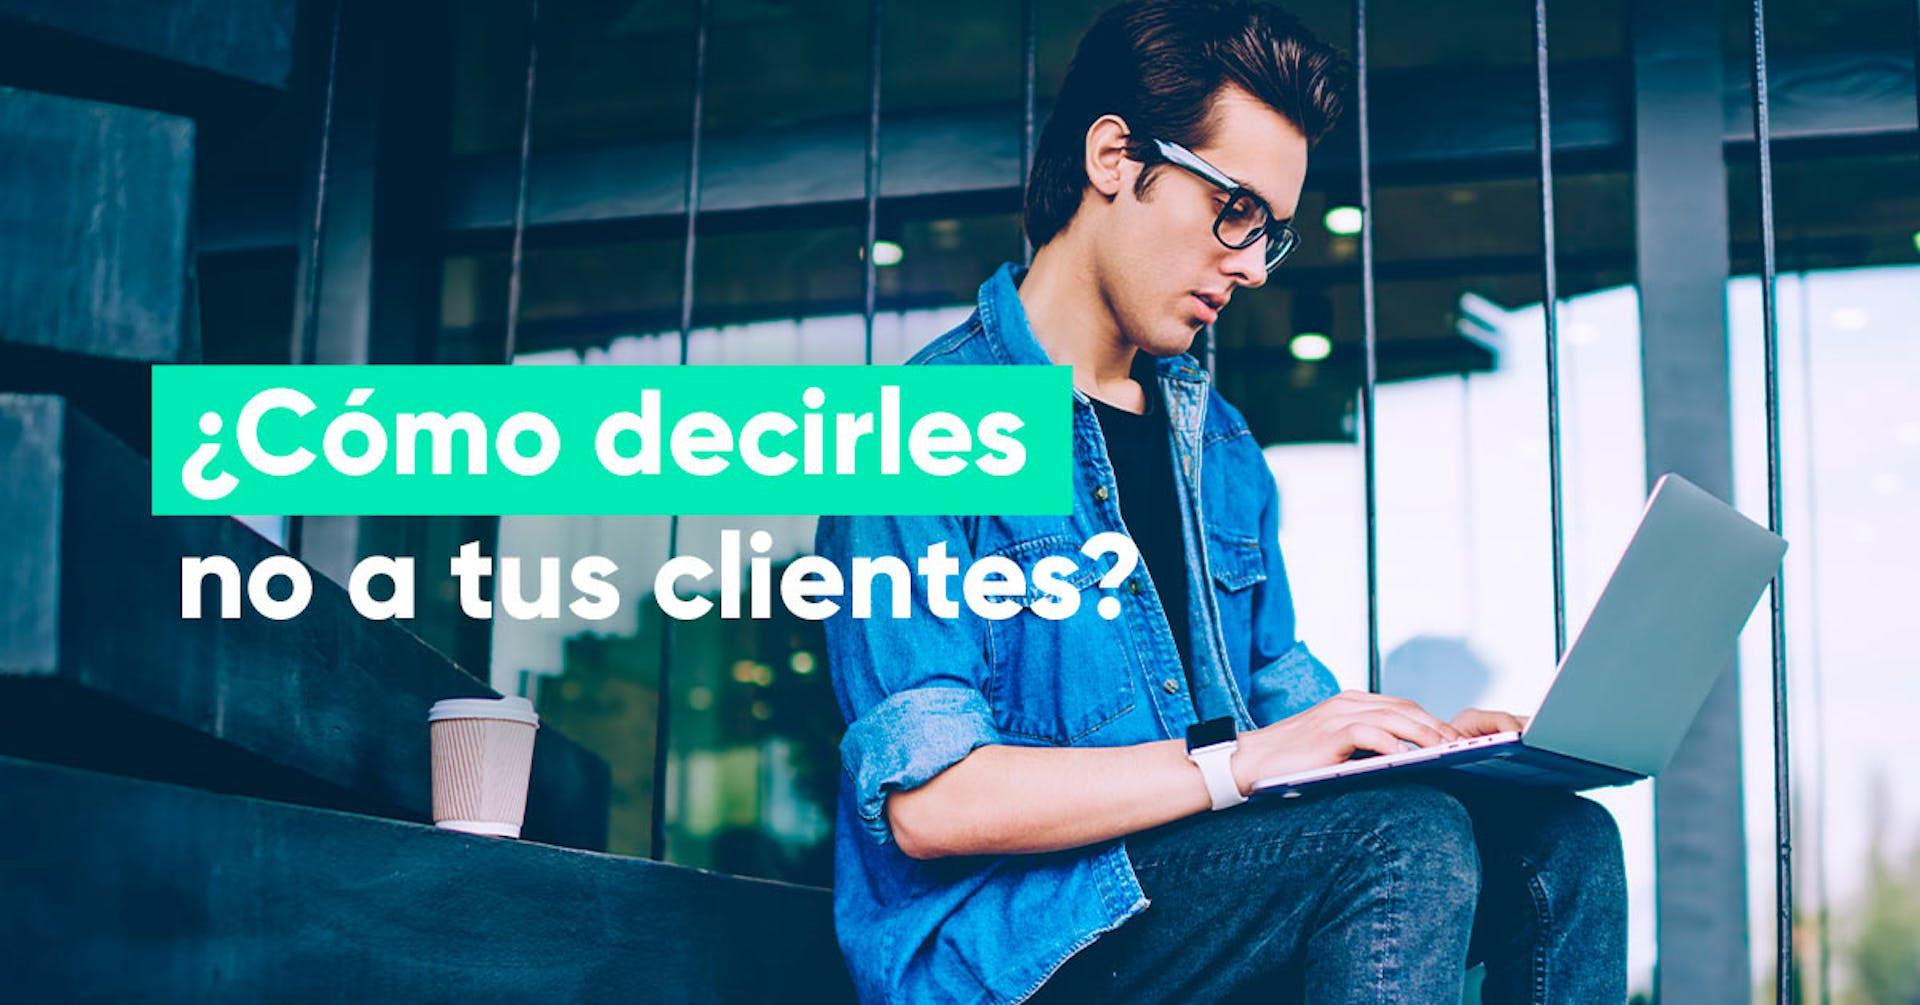 Aprender a decir no: ¿Cómo rechazar a un cliente sin sentirte culpable?